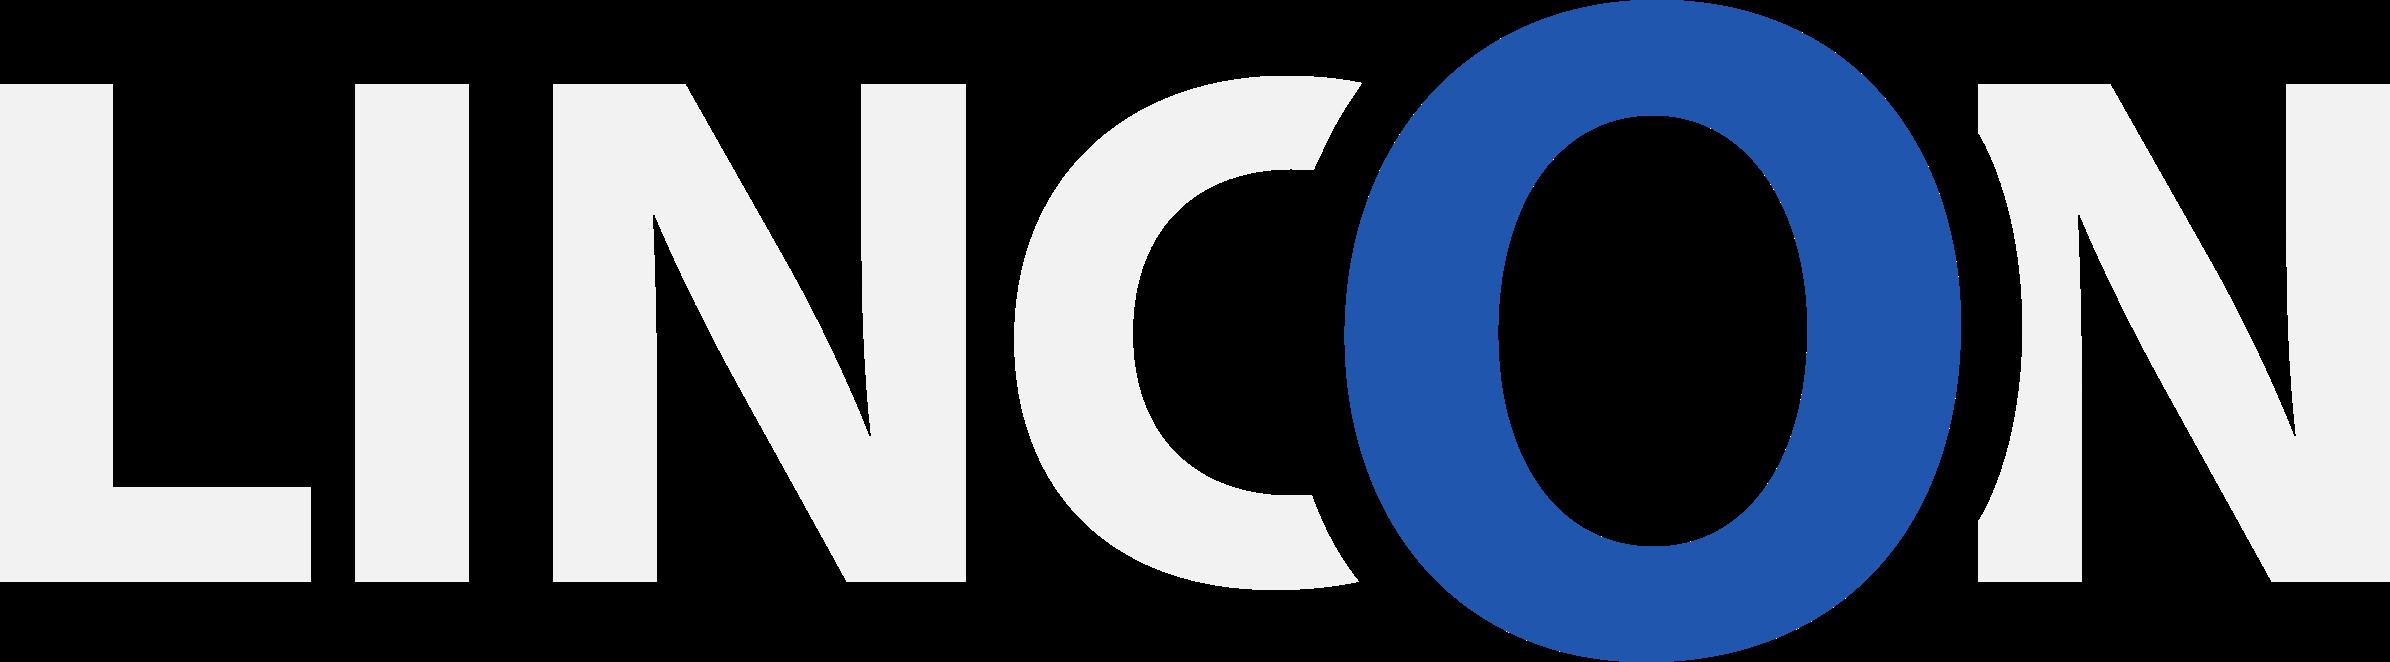 Logo_Lincon_Alex_neu_invers